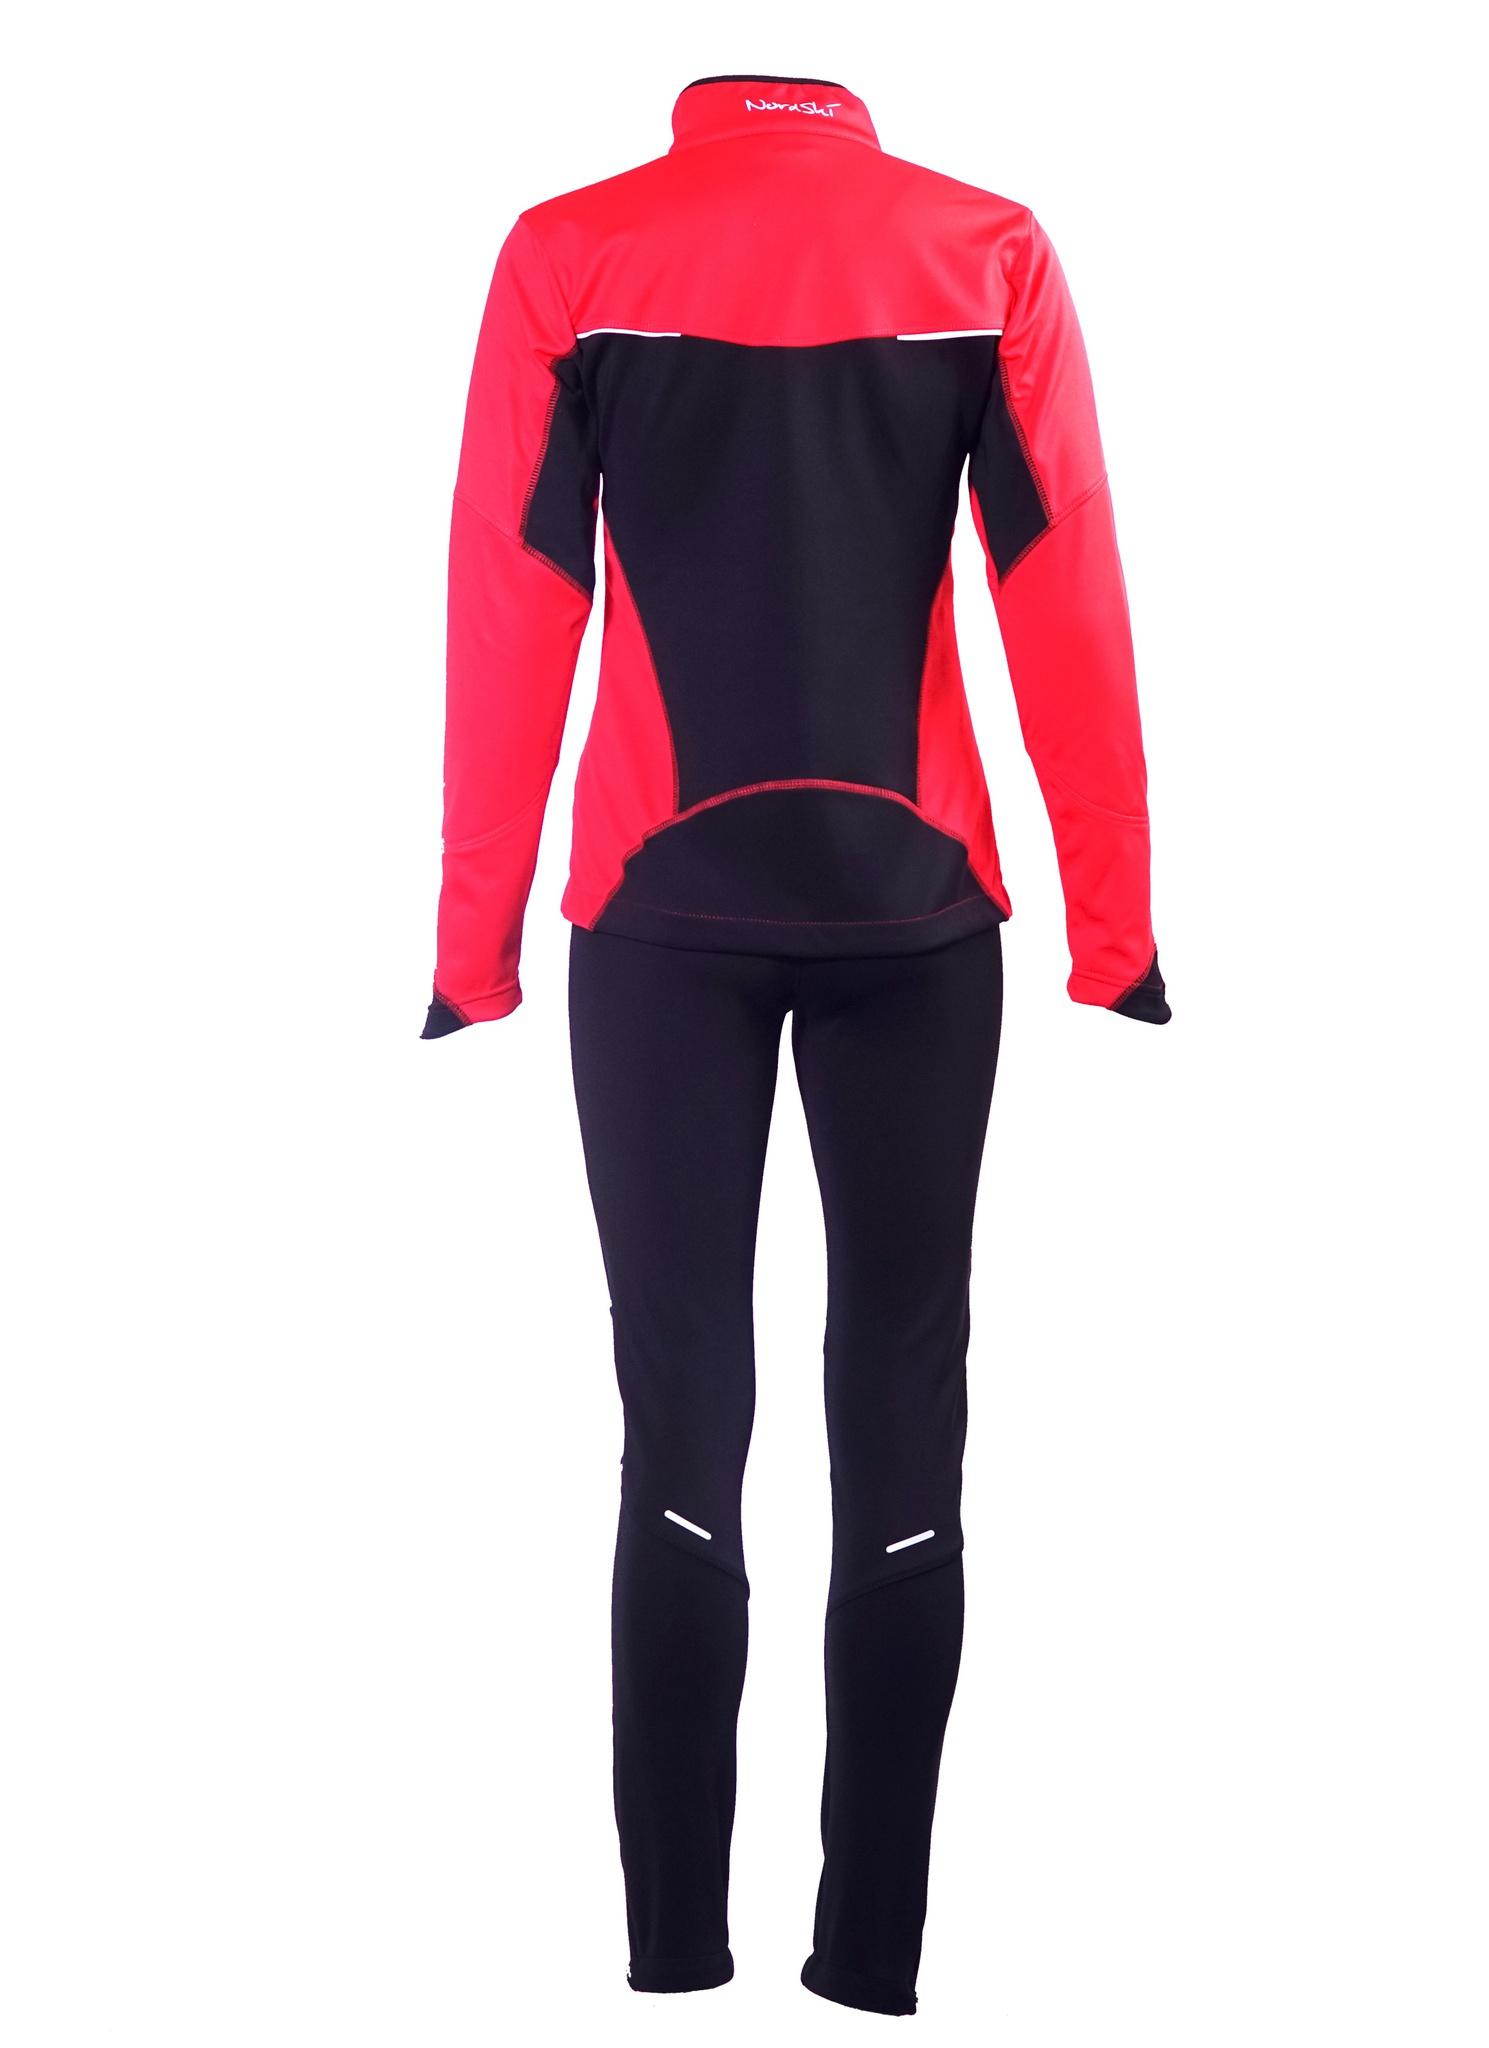 Лыжный костюм женский беговой доставка